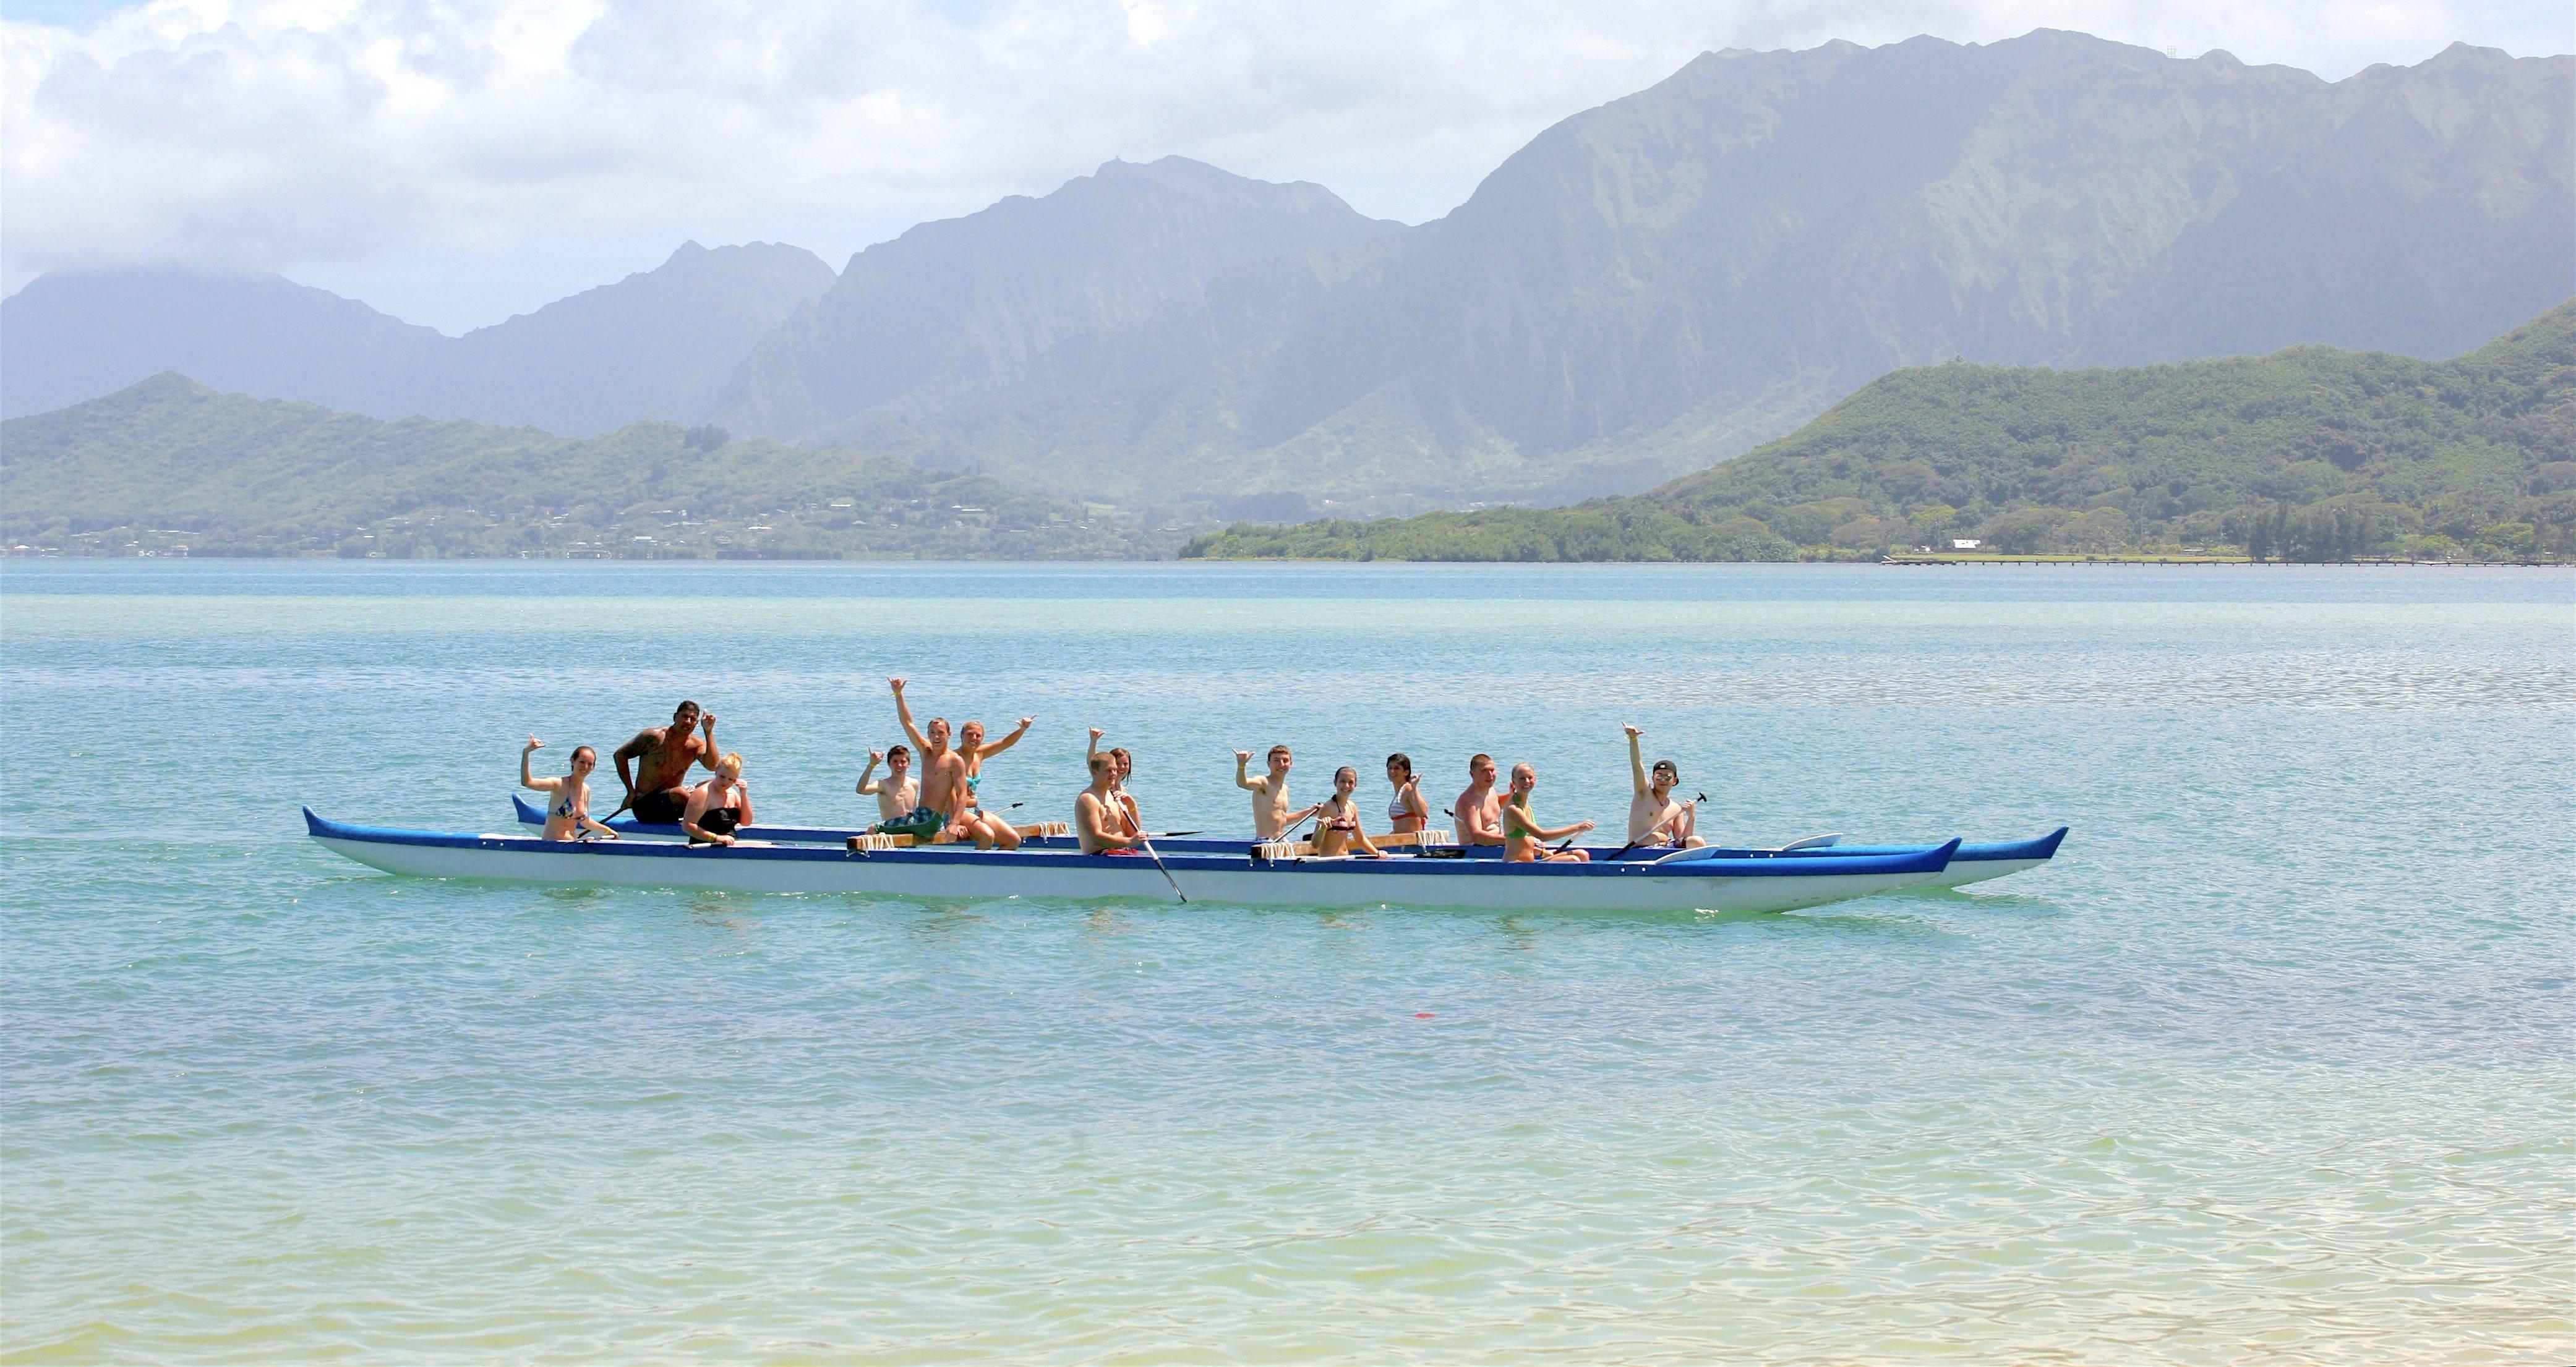 hawaii group vacation